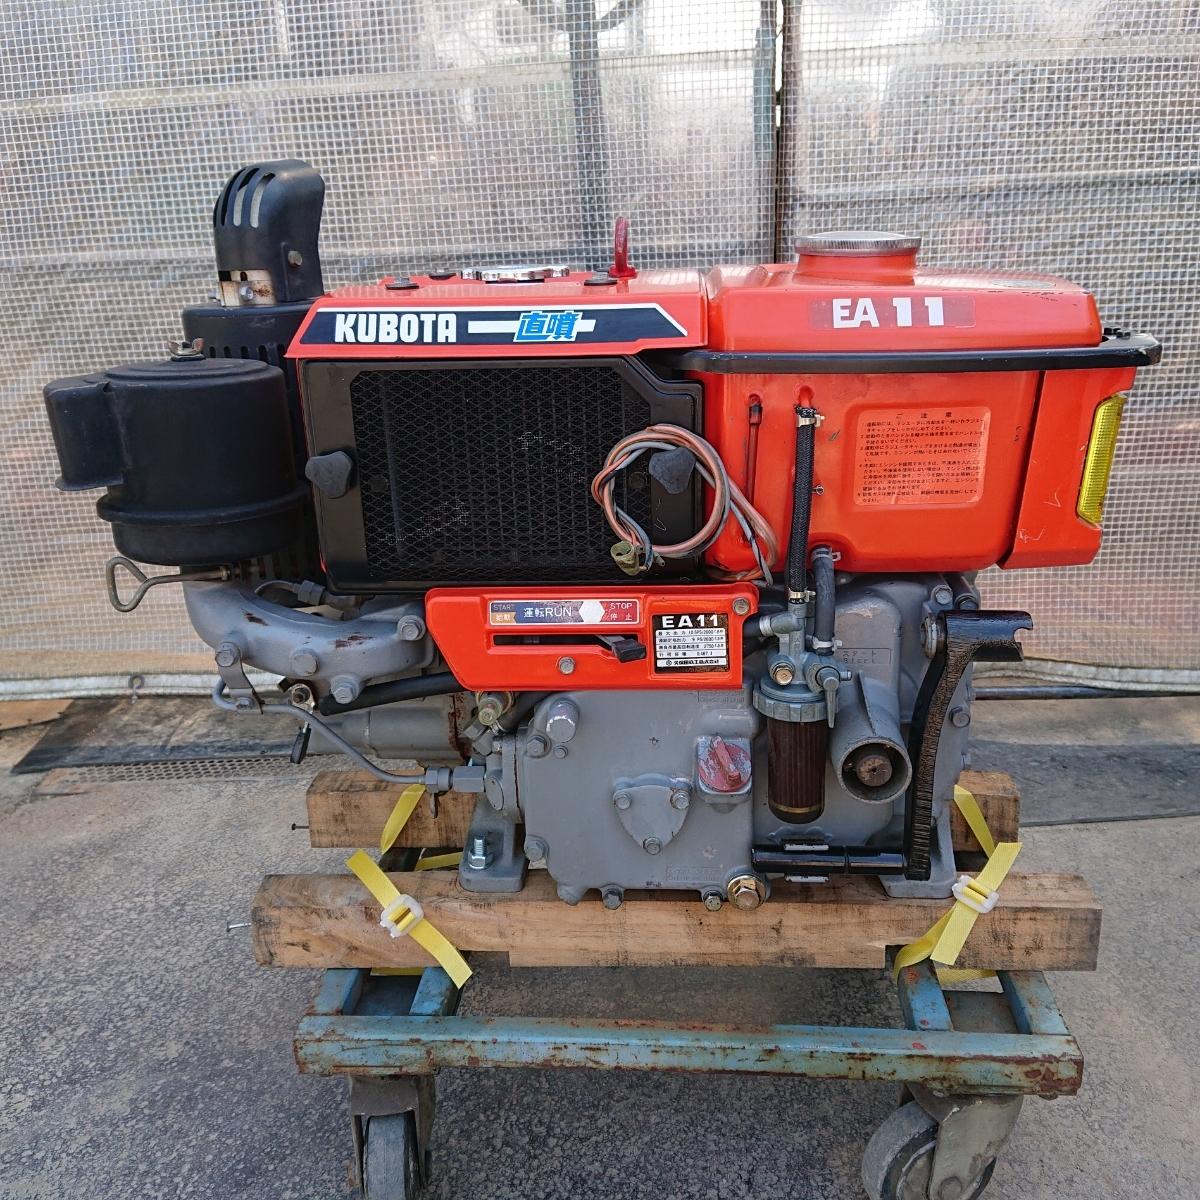 クボタ ディーゼルエンジン EA11 10.5馬力 発動機 実働品 直噴_画像2